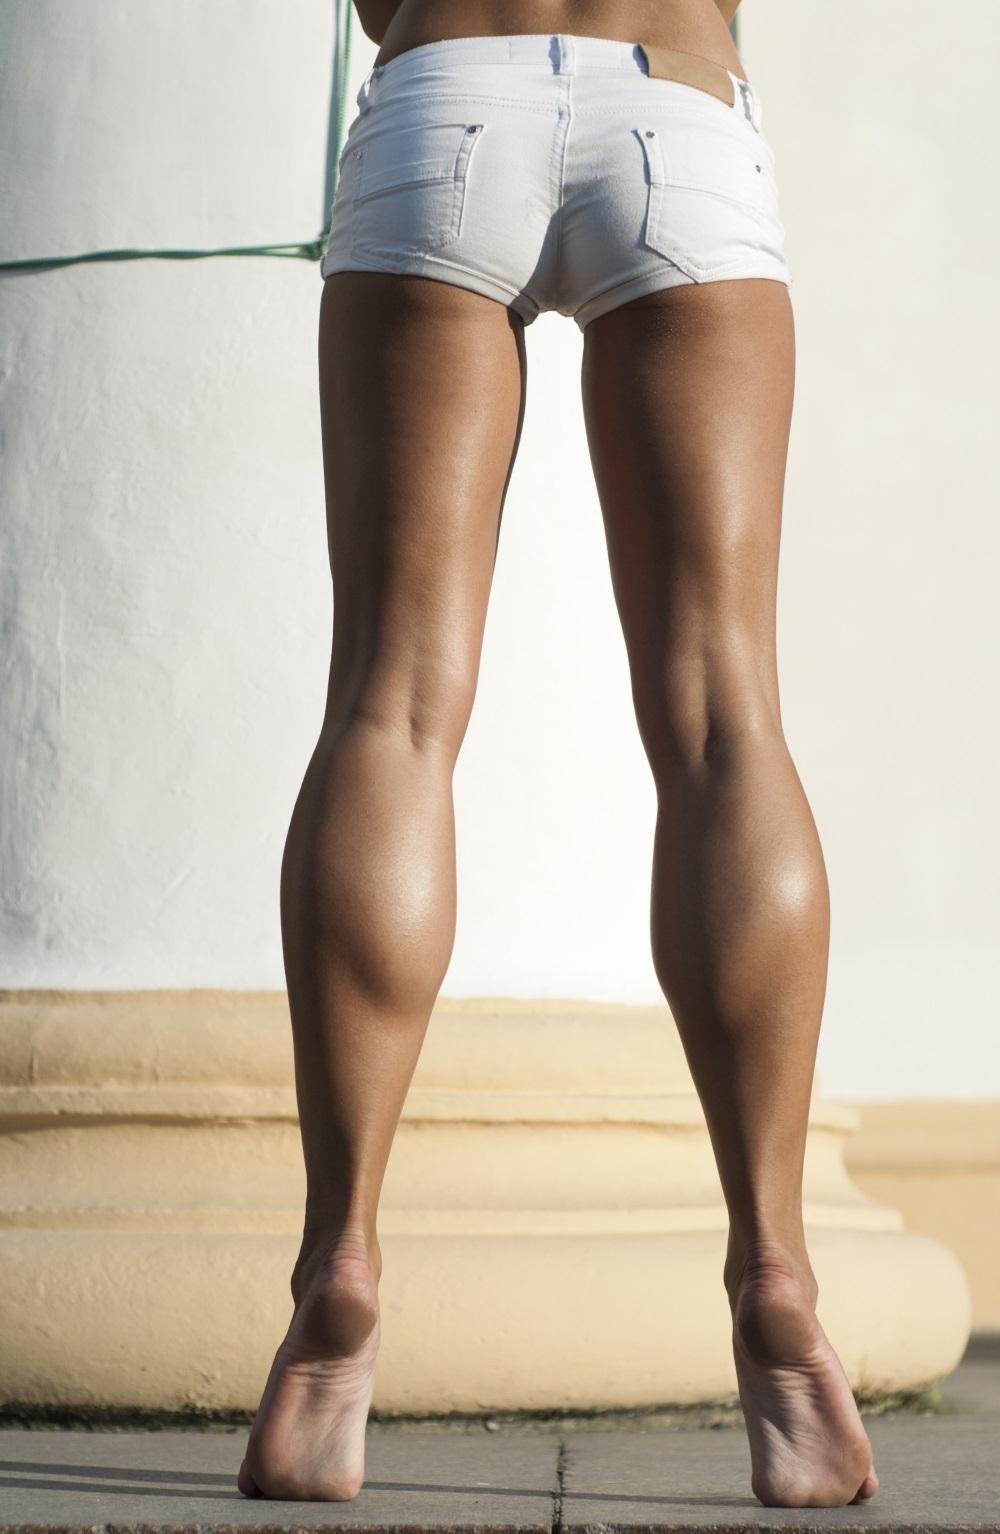 Прямые ноги правильной формы имеют три внутренних контура, напоминающих веретено